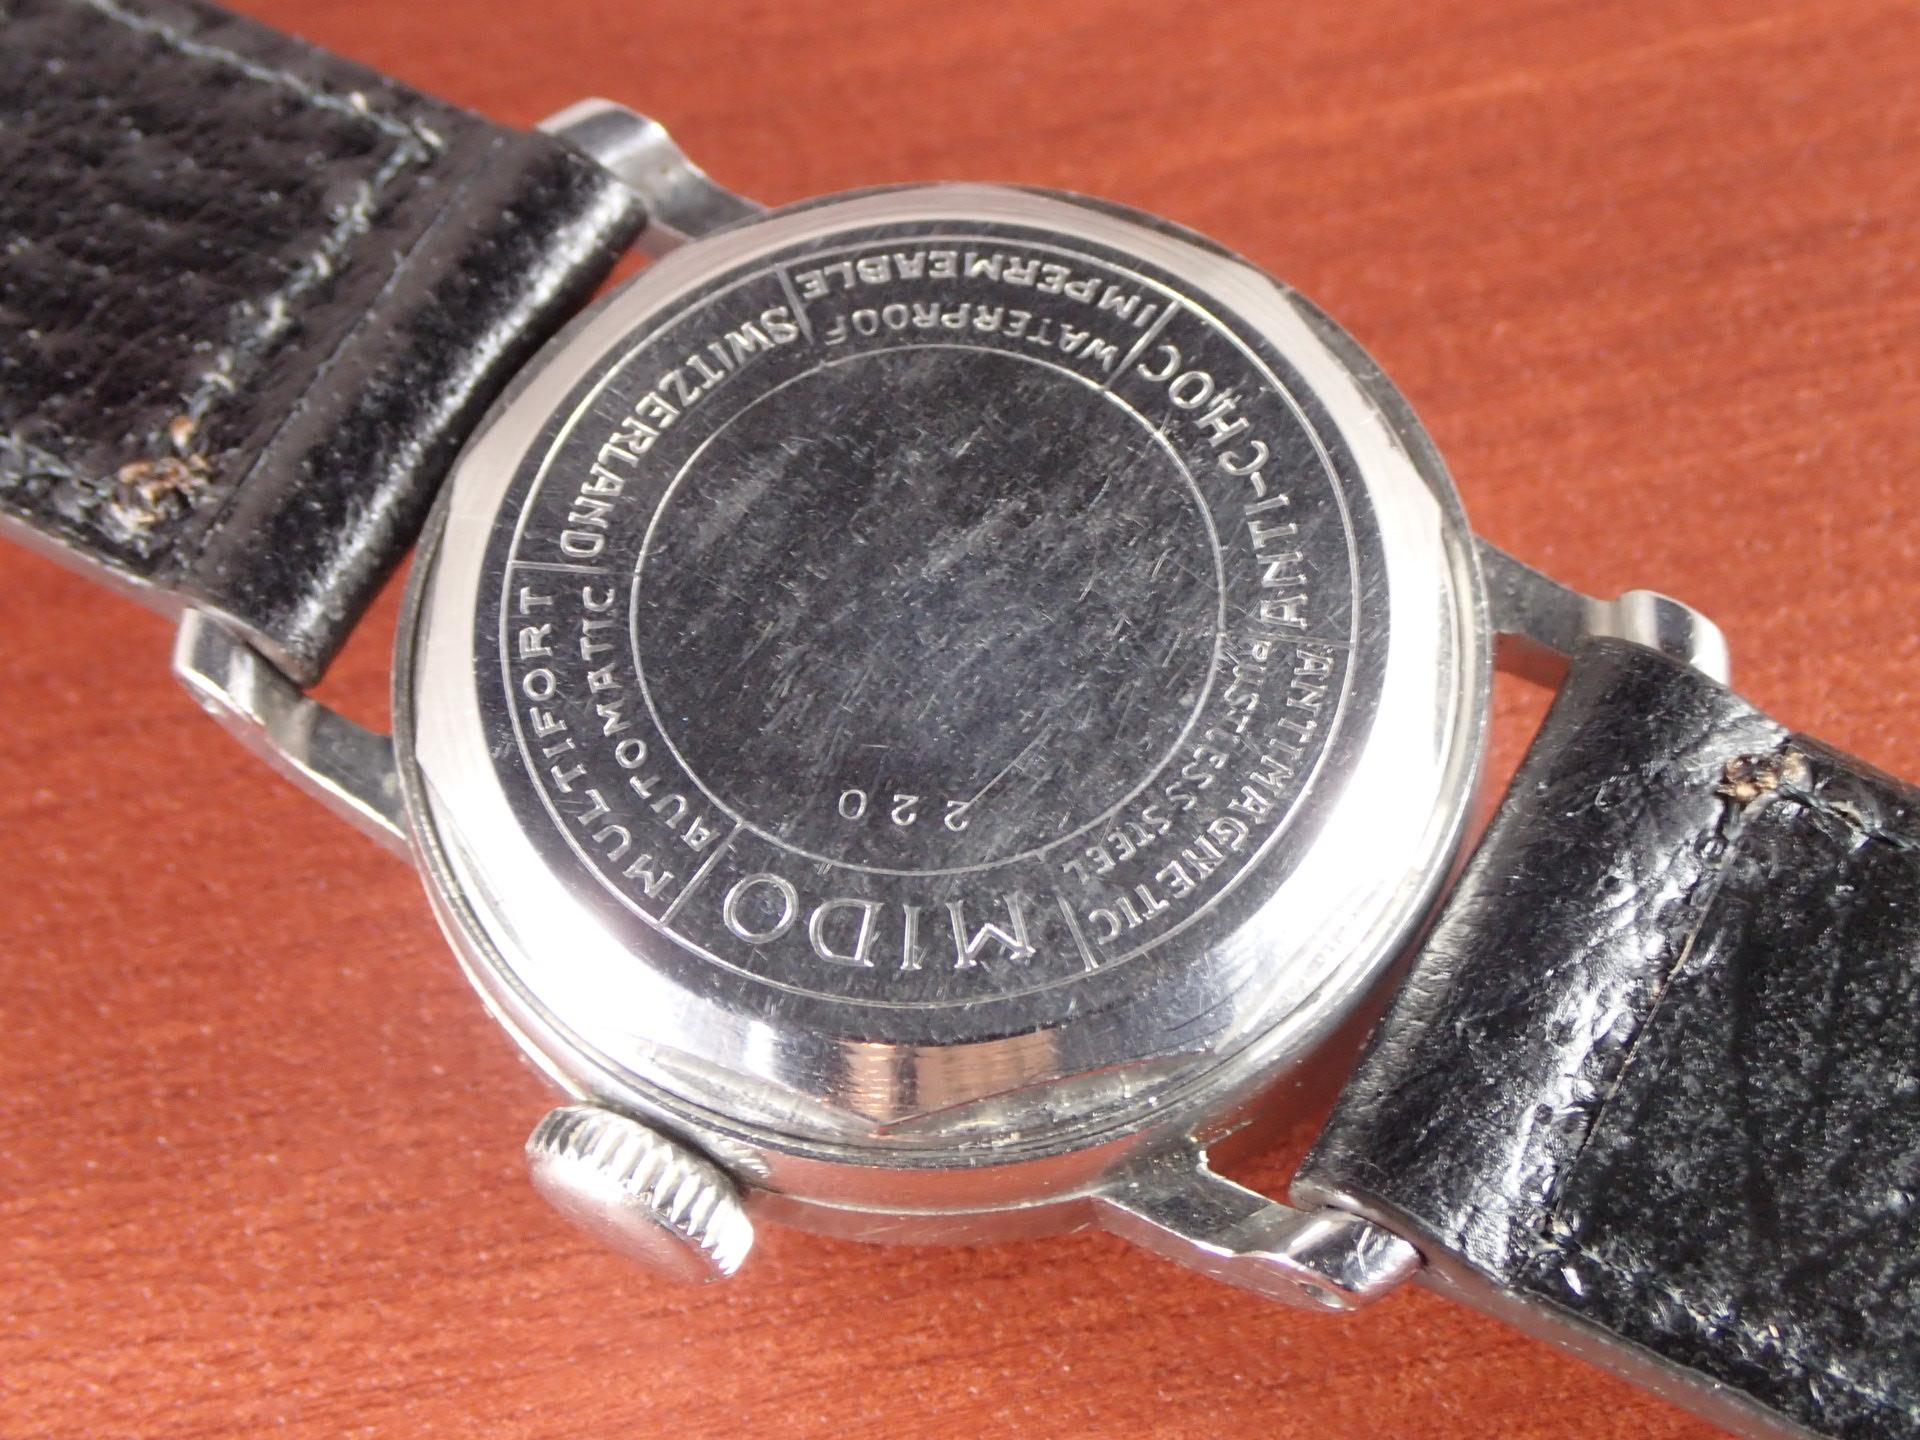 ミドー マルチフォート ブラックミラーダイアル ローマンインデックス 1940年代の写真4枚目